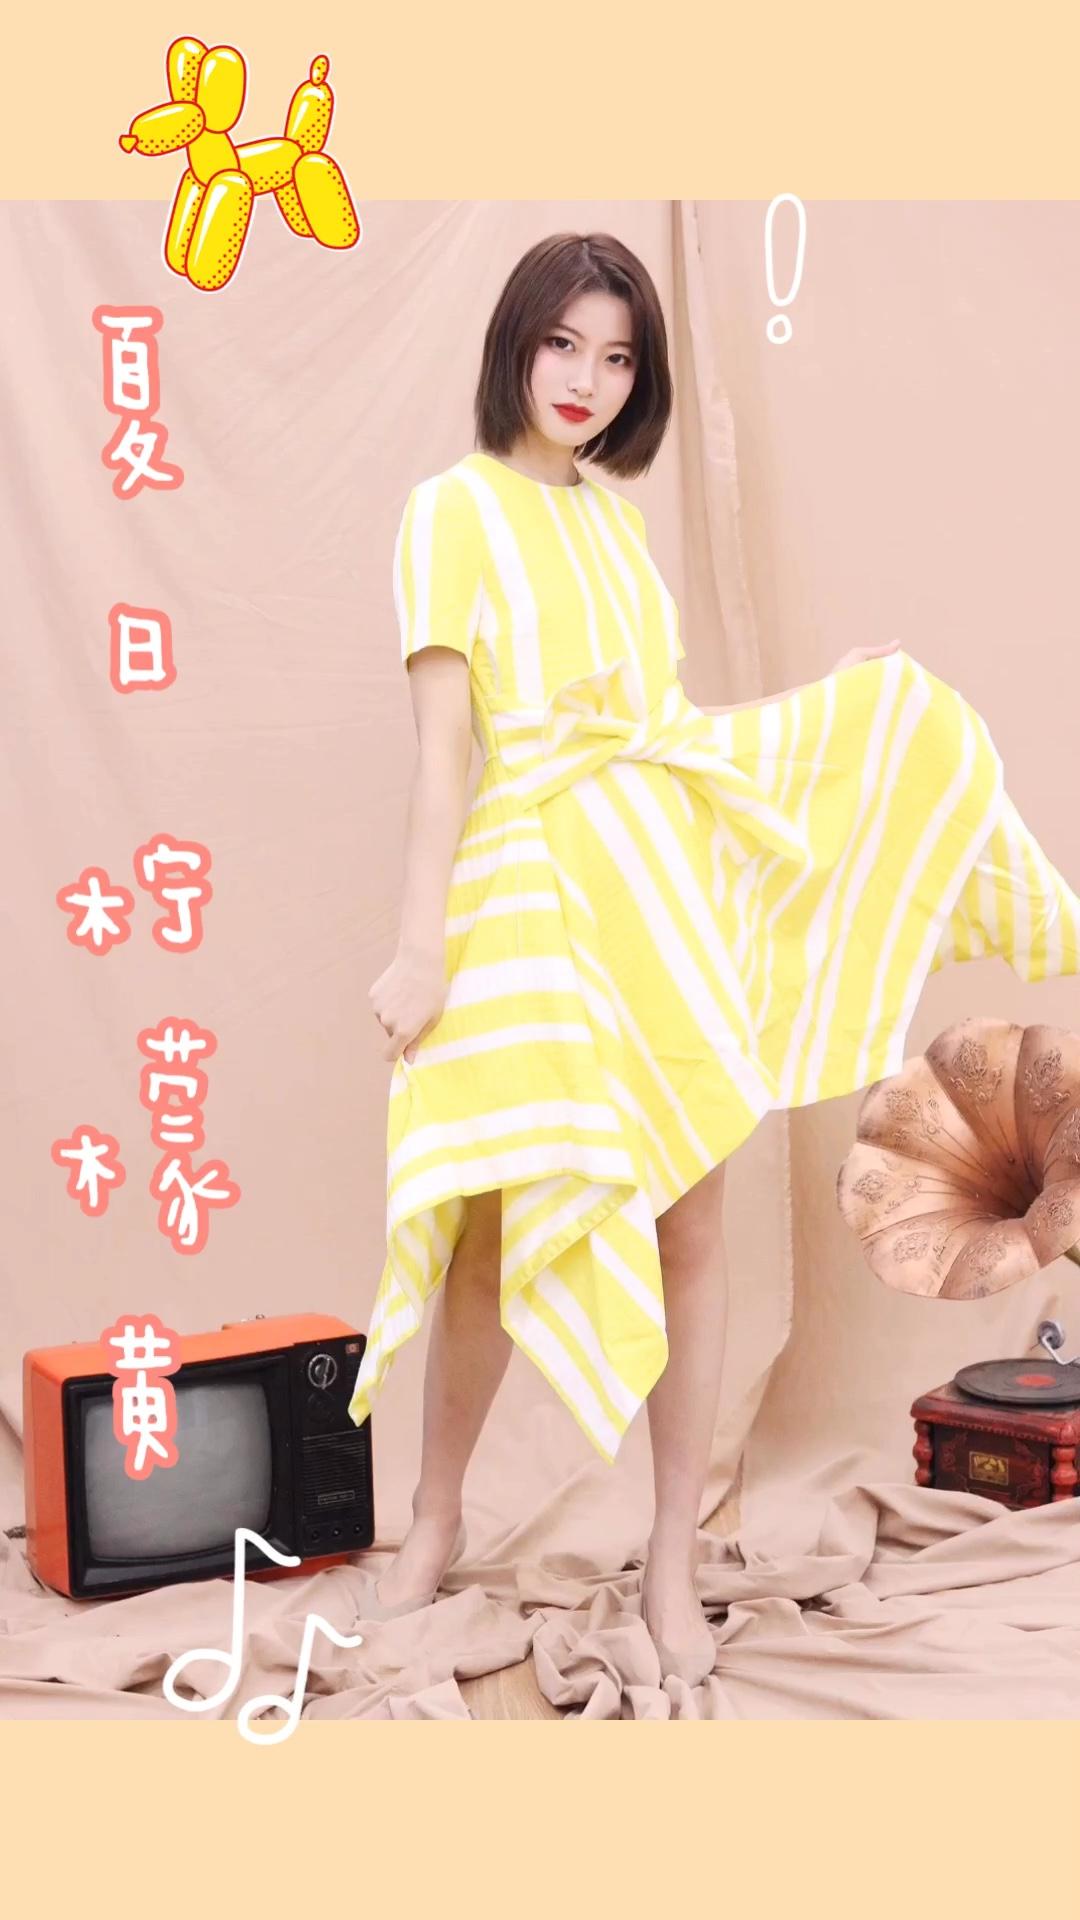 今年夏天,除了推荐好多时尚百搭的夏装之外,最近发现今年流行穿黄色连衣裙,黄色时尚又高级,不会太夸张的颜色,很有小清新的调调~ 经典条纹连衣裙设计,视觉上很显瘦,腰部蝴蝶结系绳设计,很好的显示出腰线,宽松的版型也不挑身材,对于黄皮的妹纸们可以选择这款,会很显肤色,提白。这样的裙长刚好显腿长,外搭高跟鞋日常出门、逛街、约会都是不错的选择,简单又舒适。 #您的十级瘦身裙纸,已发货!#